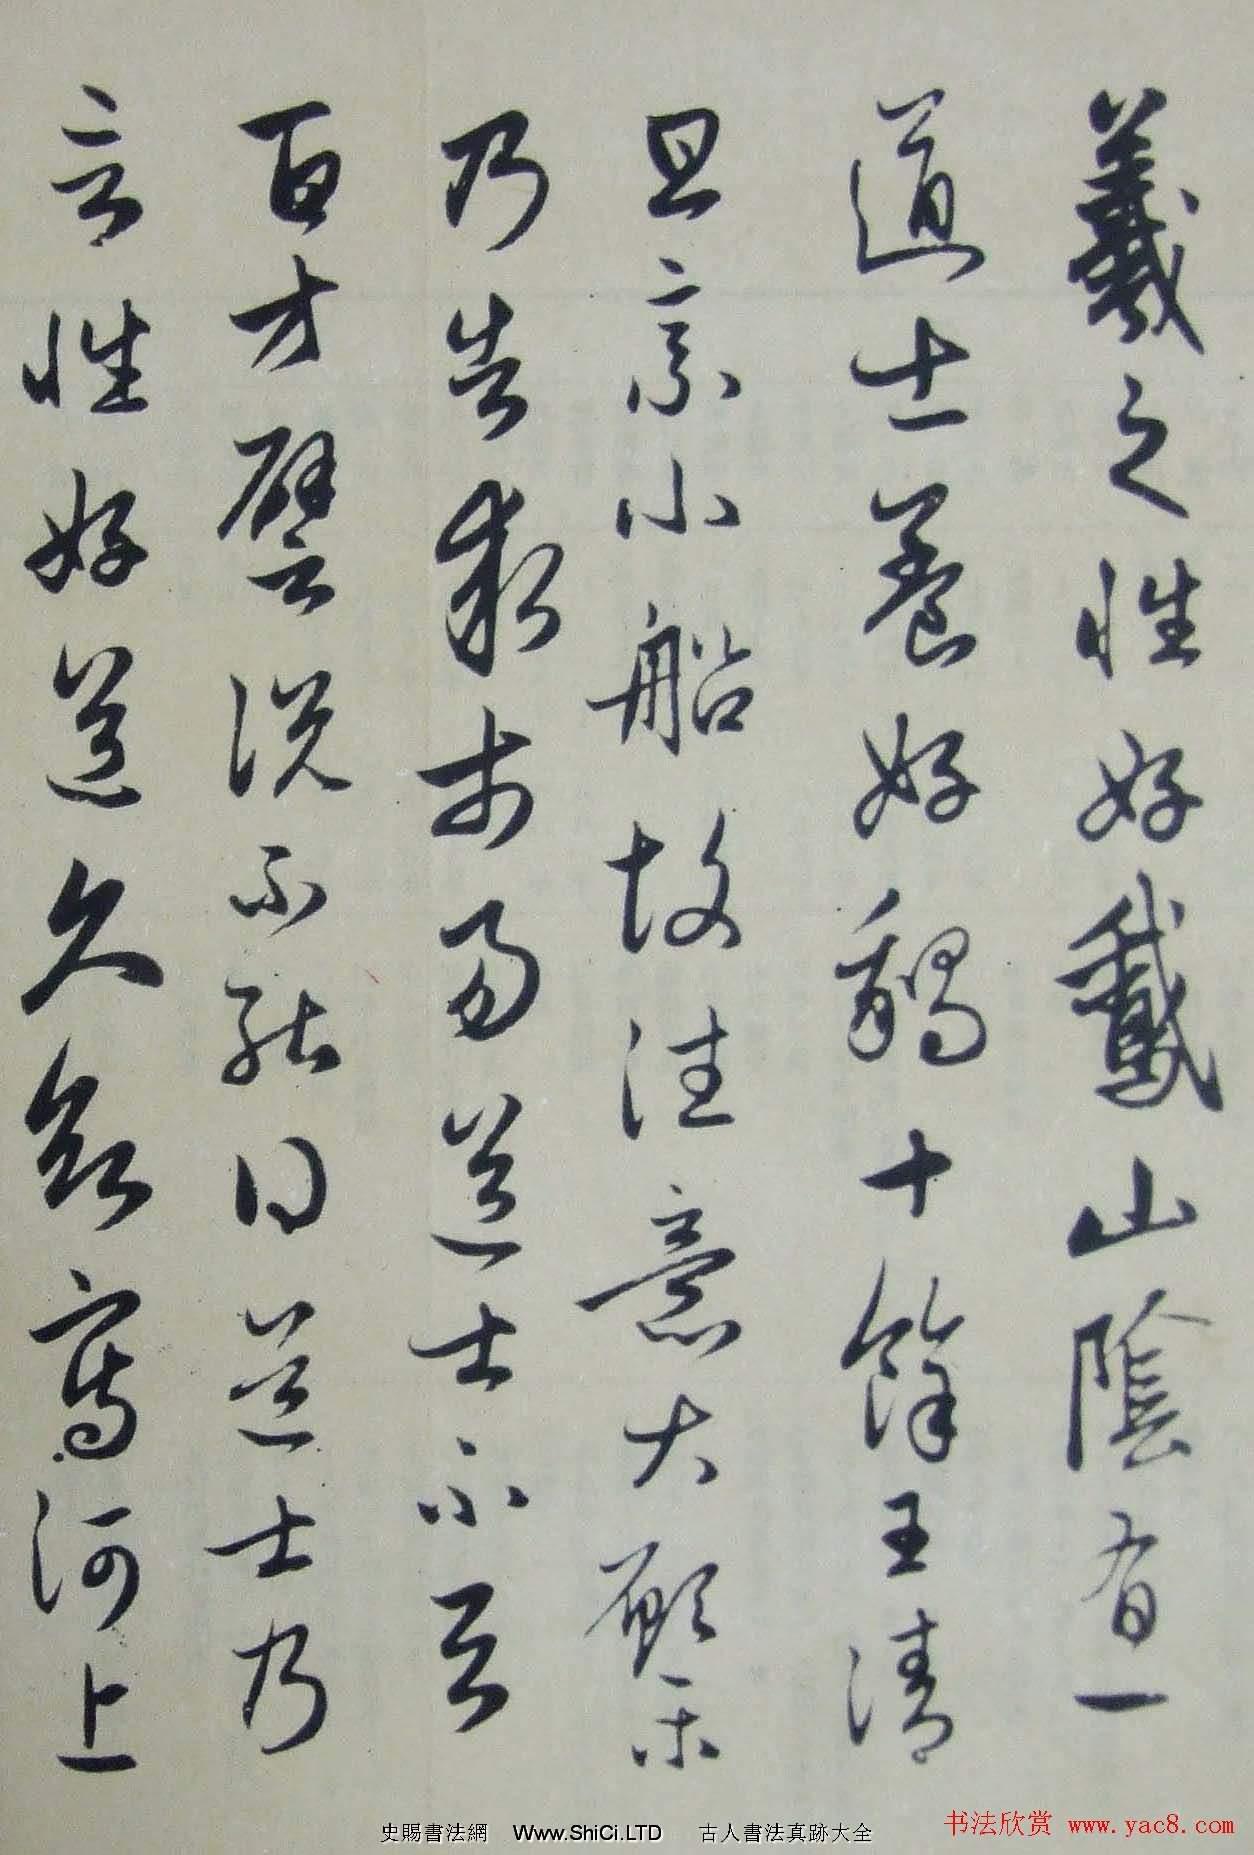 趙孟俯書法欣賞臨寫王羲之墨跡